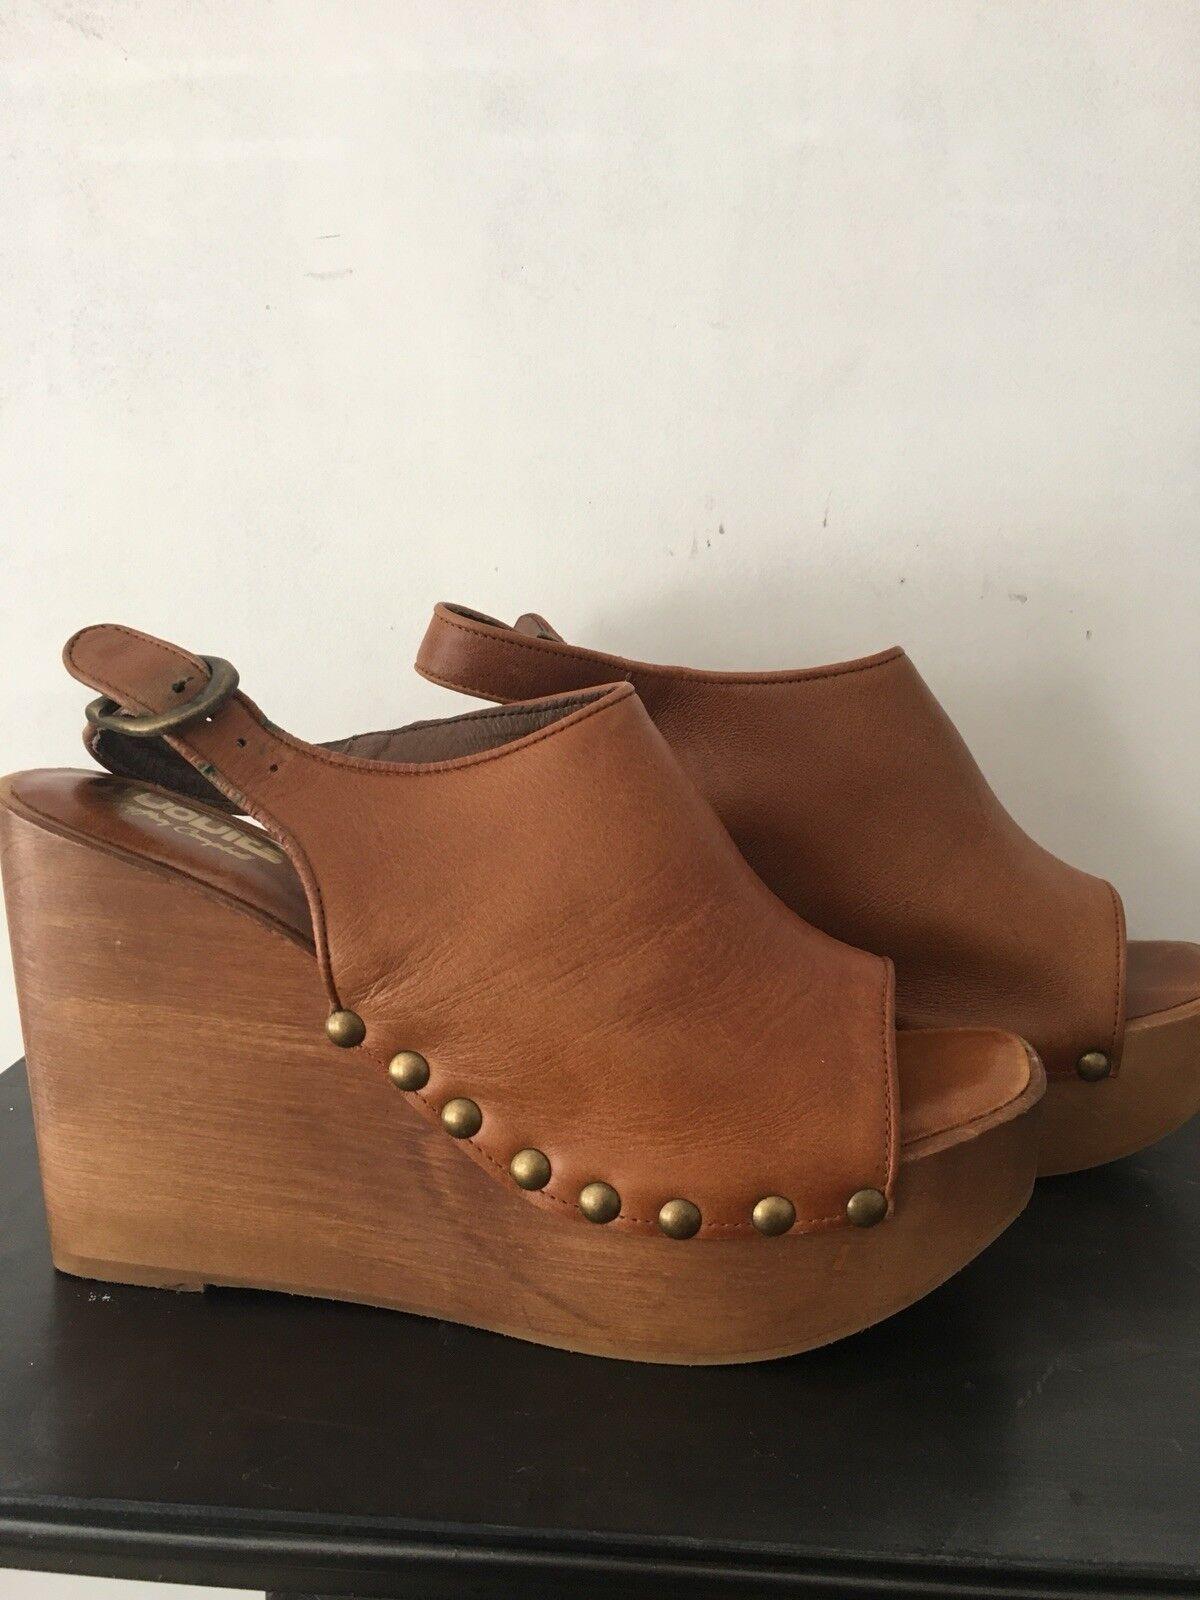 Zapatos De Cuero Jeffery Campbell 'Zueco' Cuña tan UK 41 41 41 8  Totalmente NUEVO   descuento de ventas en línea